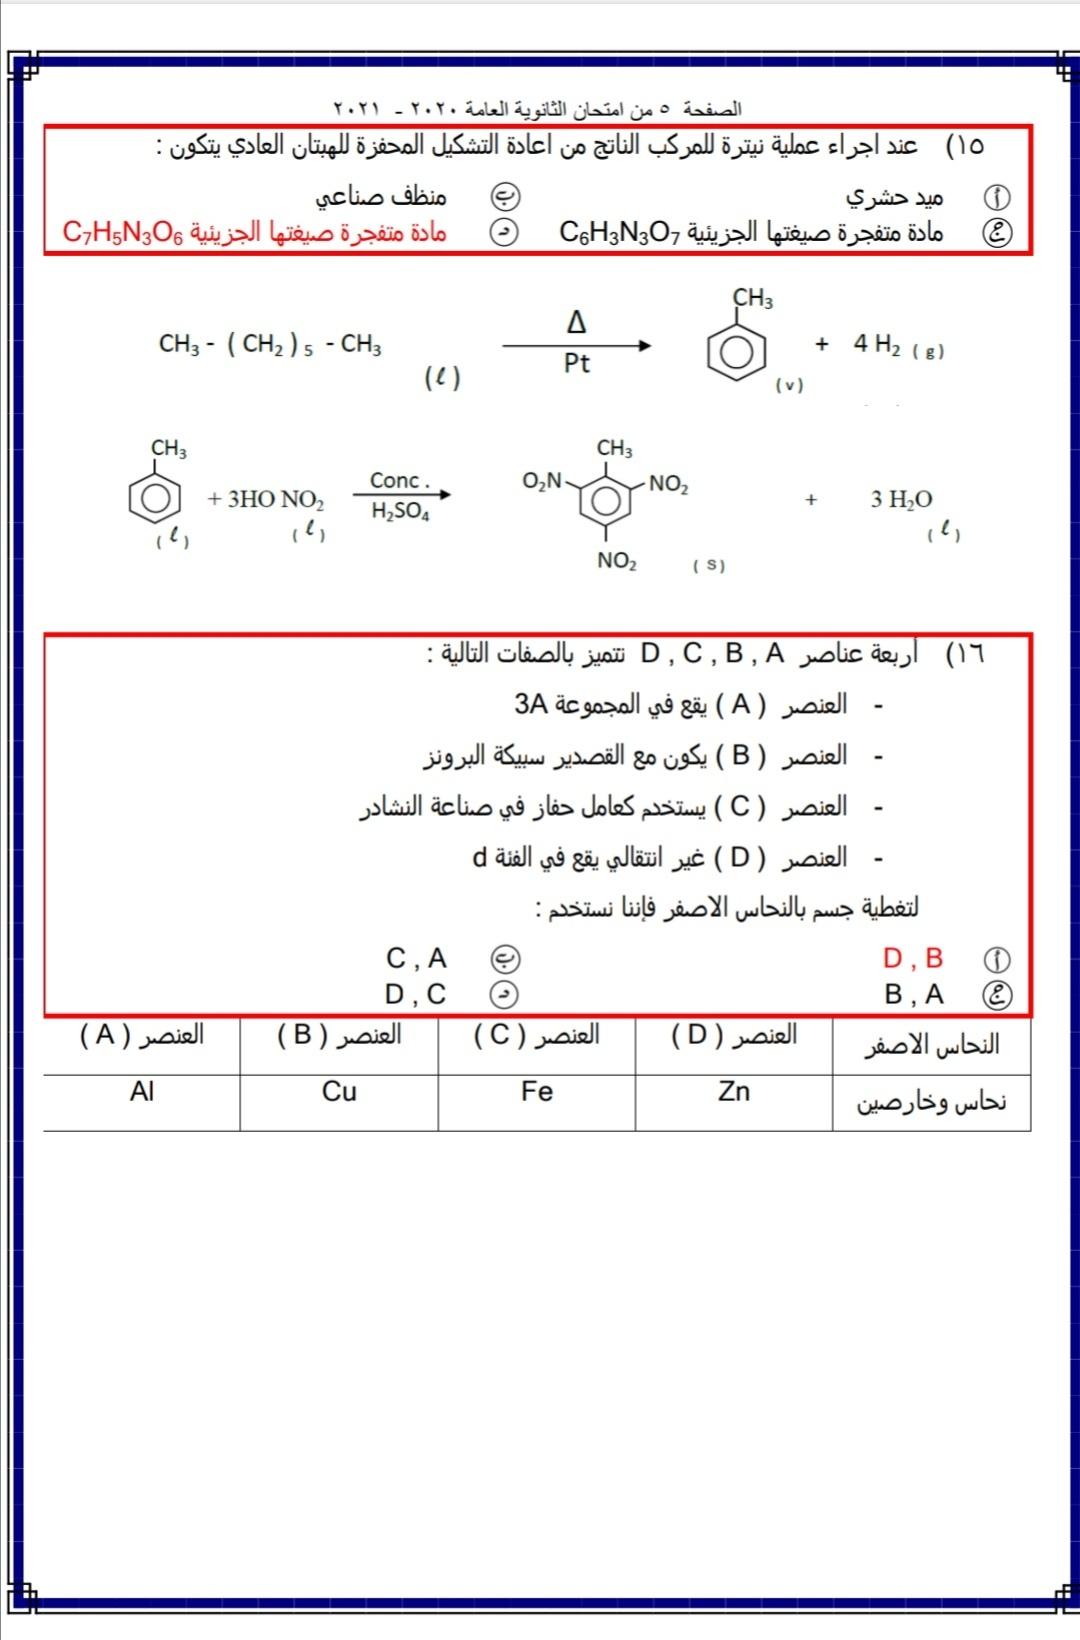 نموذج اجابة امتحان الكيمياء للثانوية العامة 2021 5